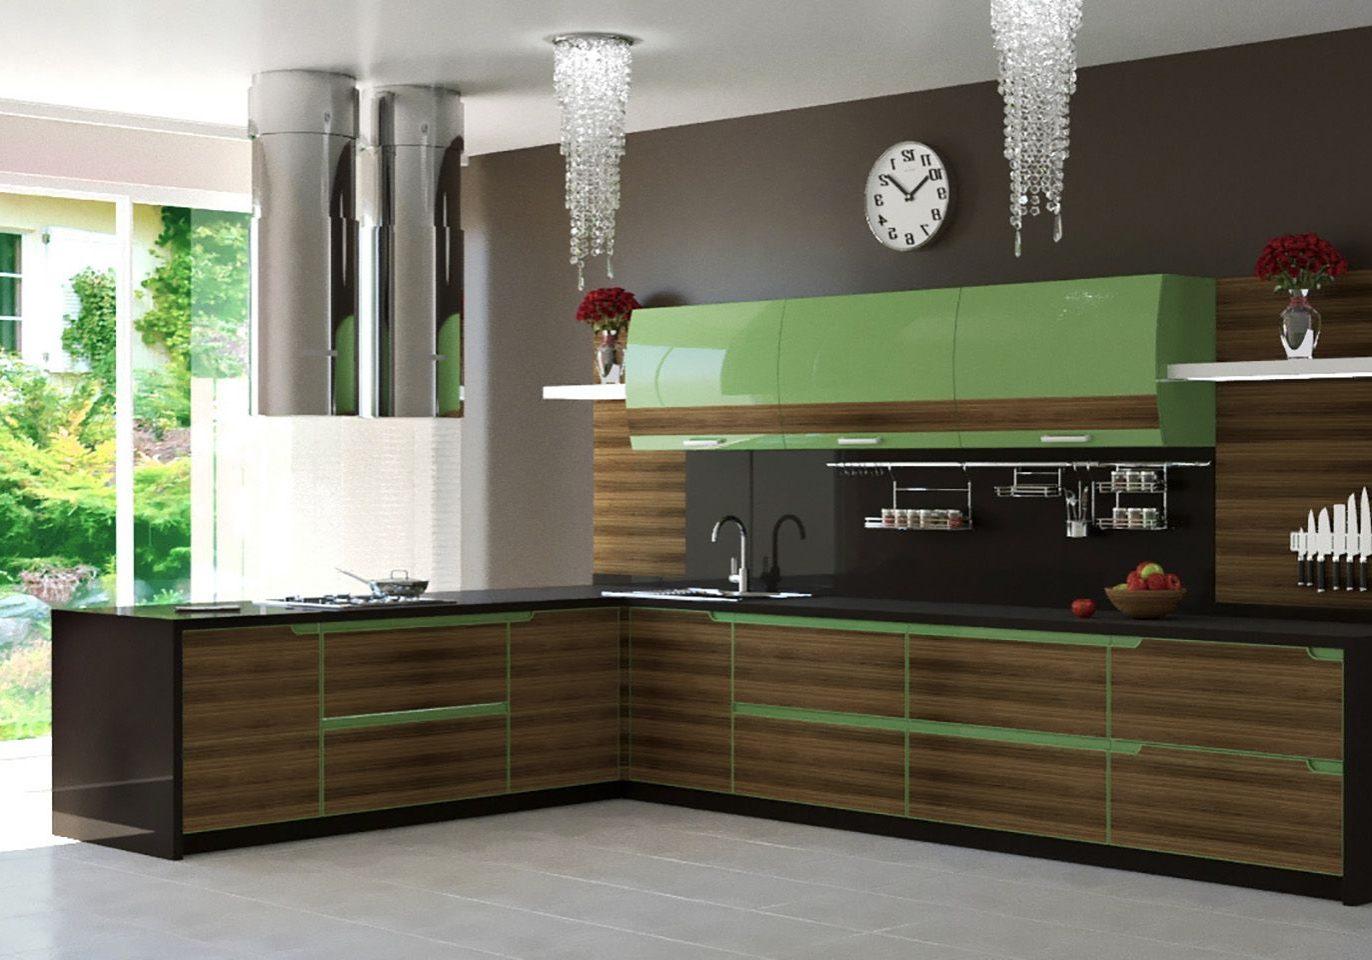 Зеленая кухня с сотровом под дерево